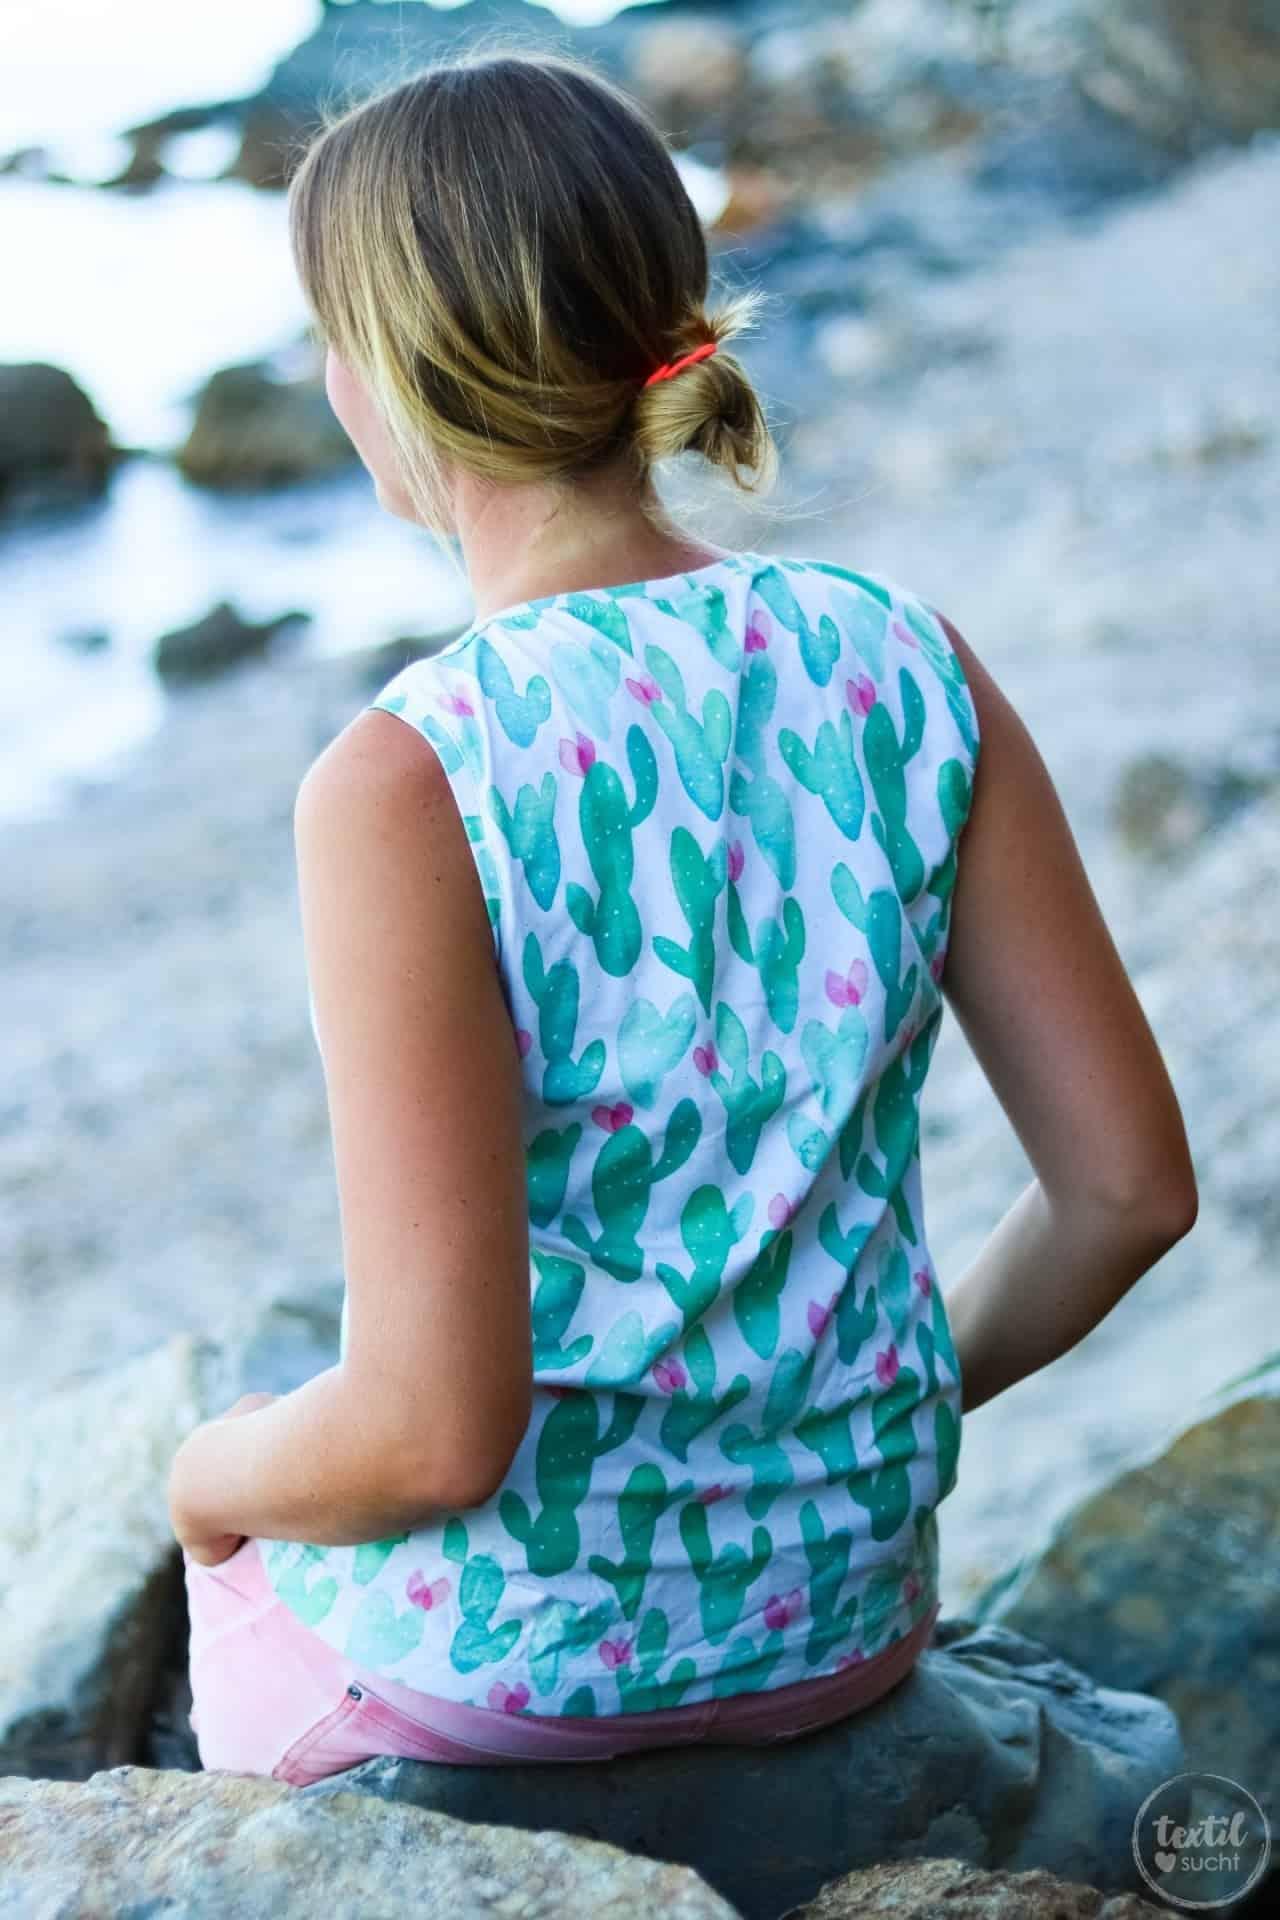 Mein neues Shirt aus Watercolor Kaktus Jersey von Alles für Selbermacher - Bild 2 | textilsucht®